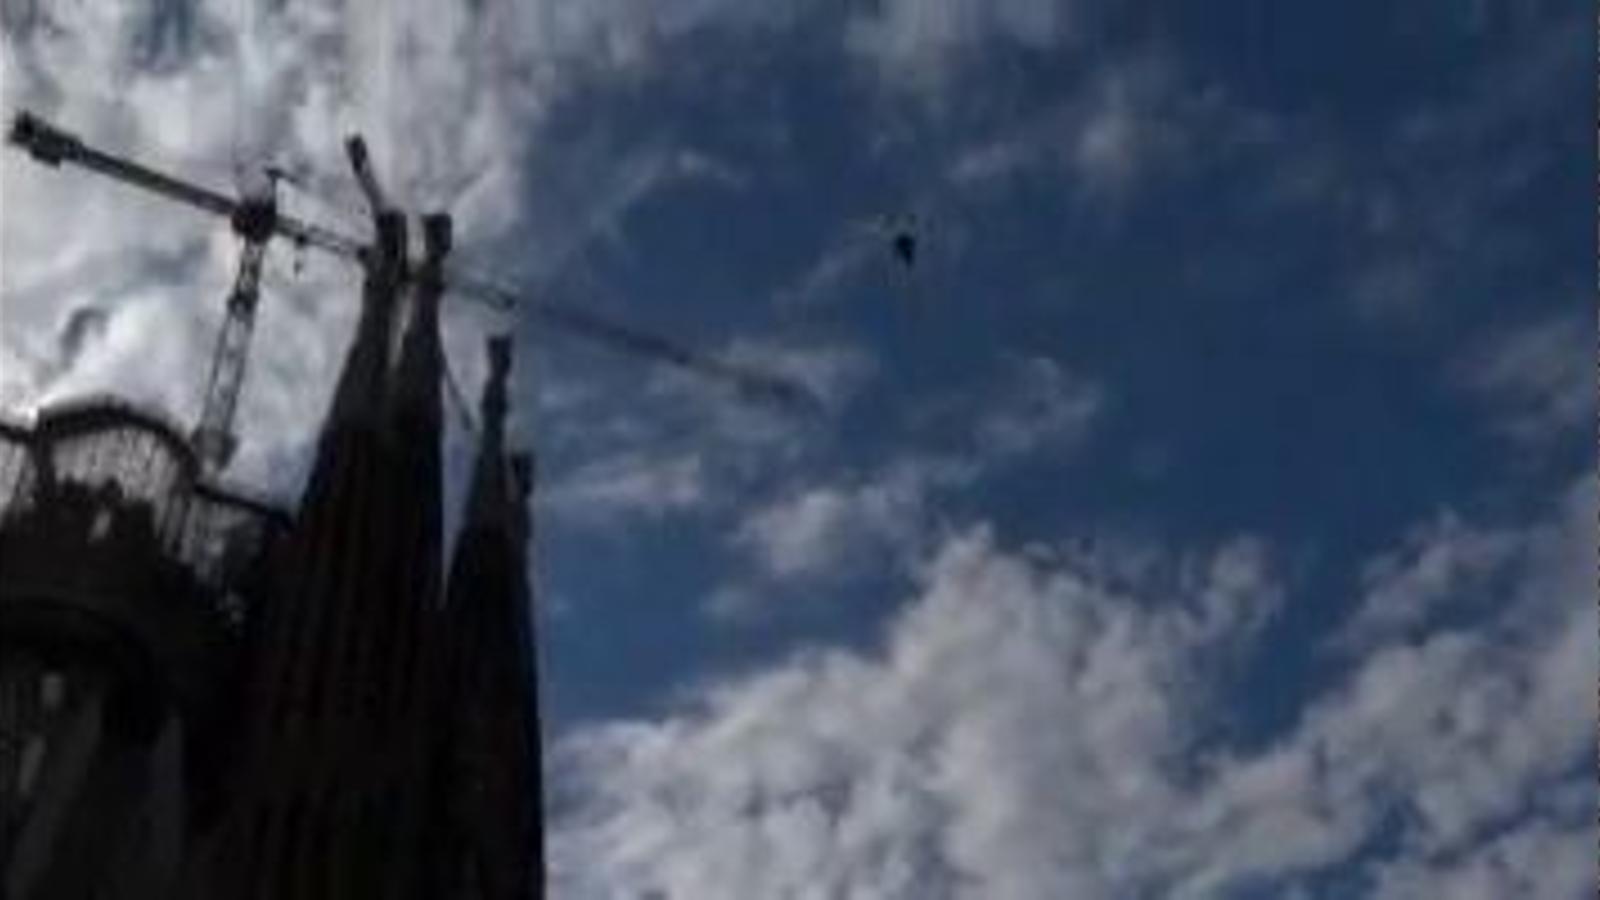 Un 'drone' que filmava la Via Catalana a la Sagrada Família va caure damunt dels assistents